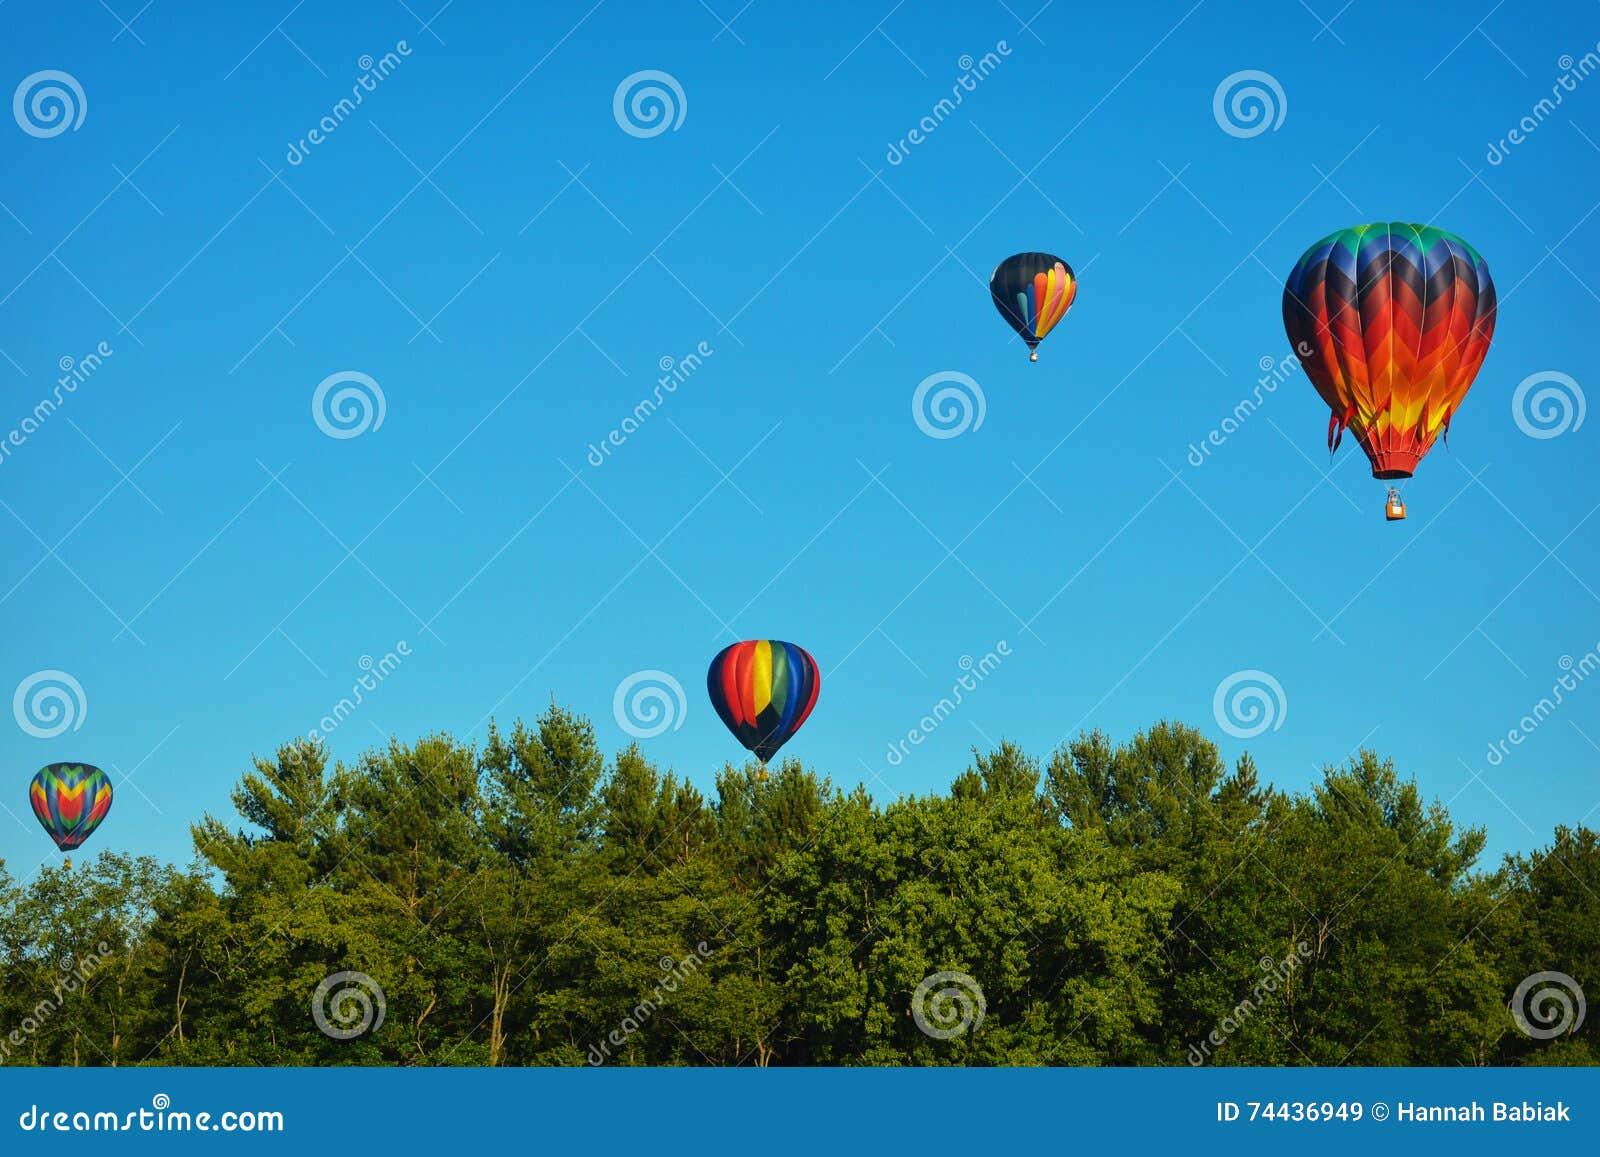 μπαλόνια αέρα καυτά